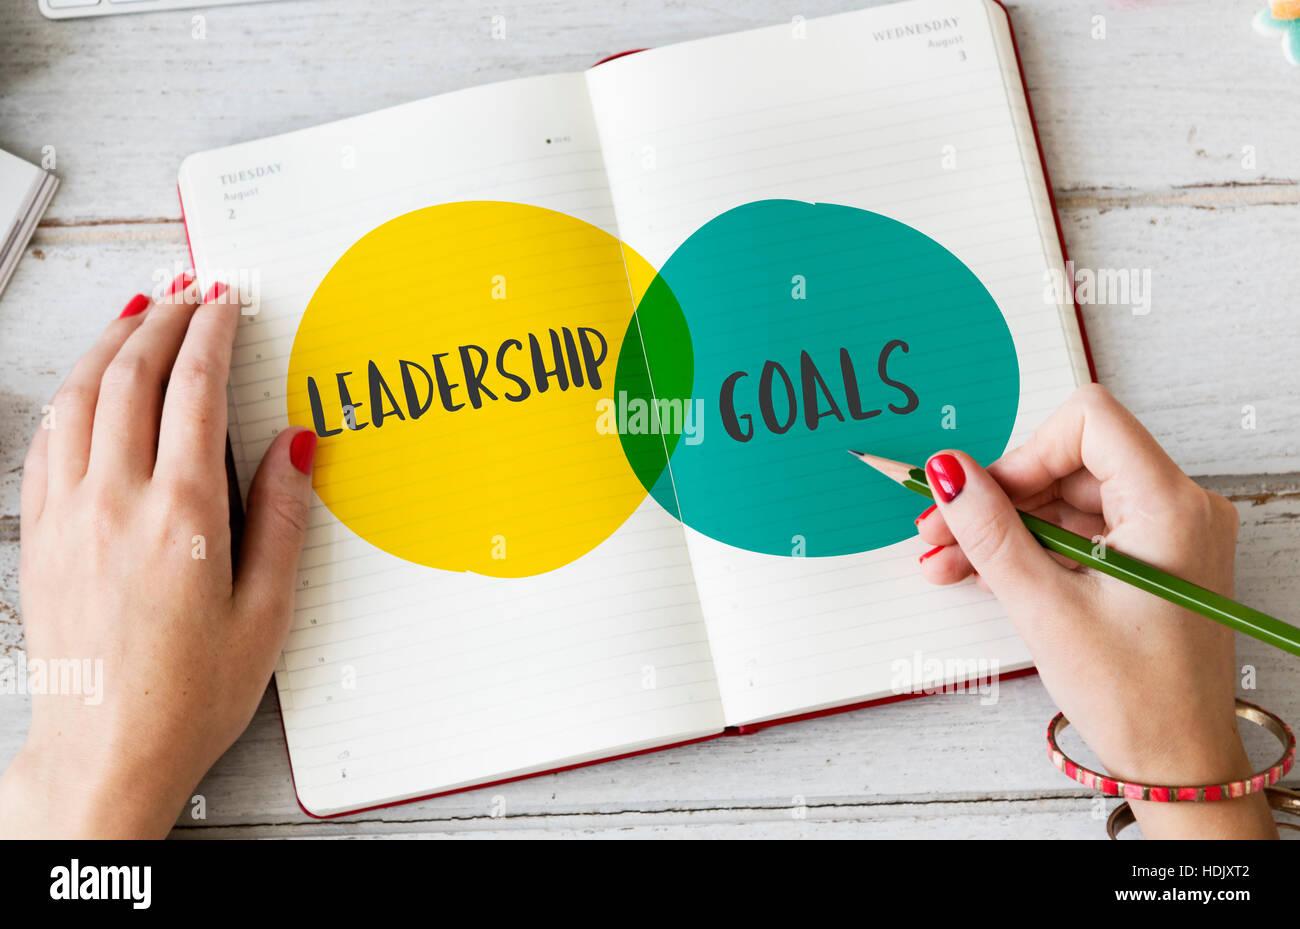 Führung Ziele Ideen Motivation Kreise Konzept Stockfoto